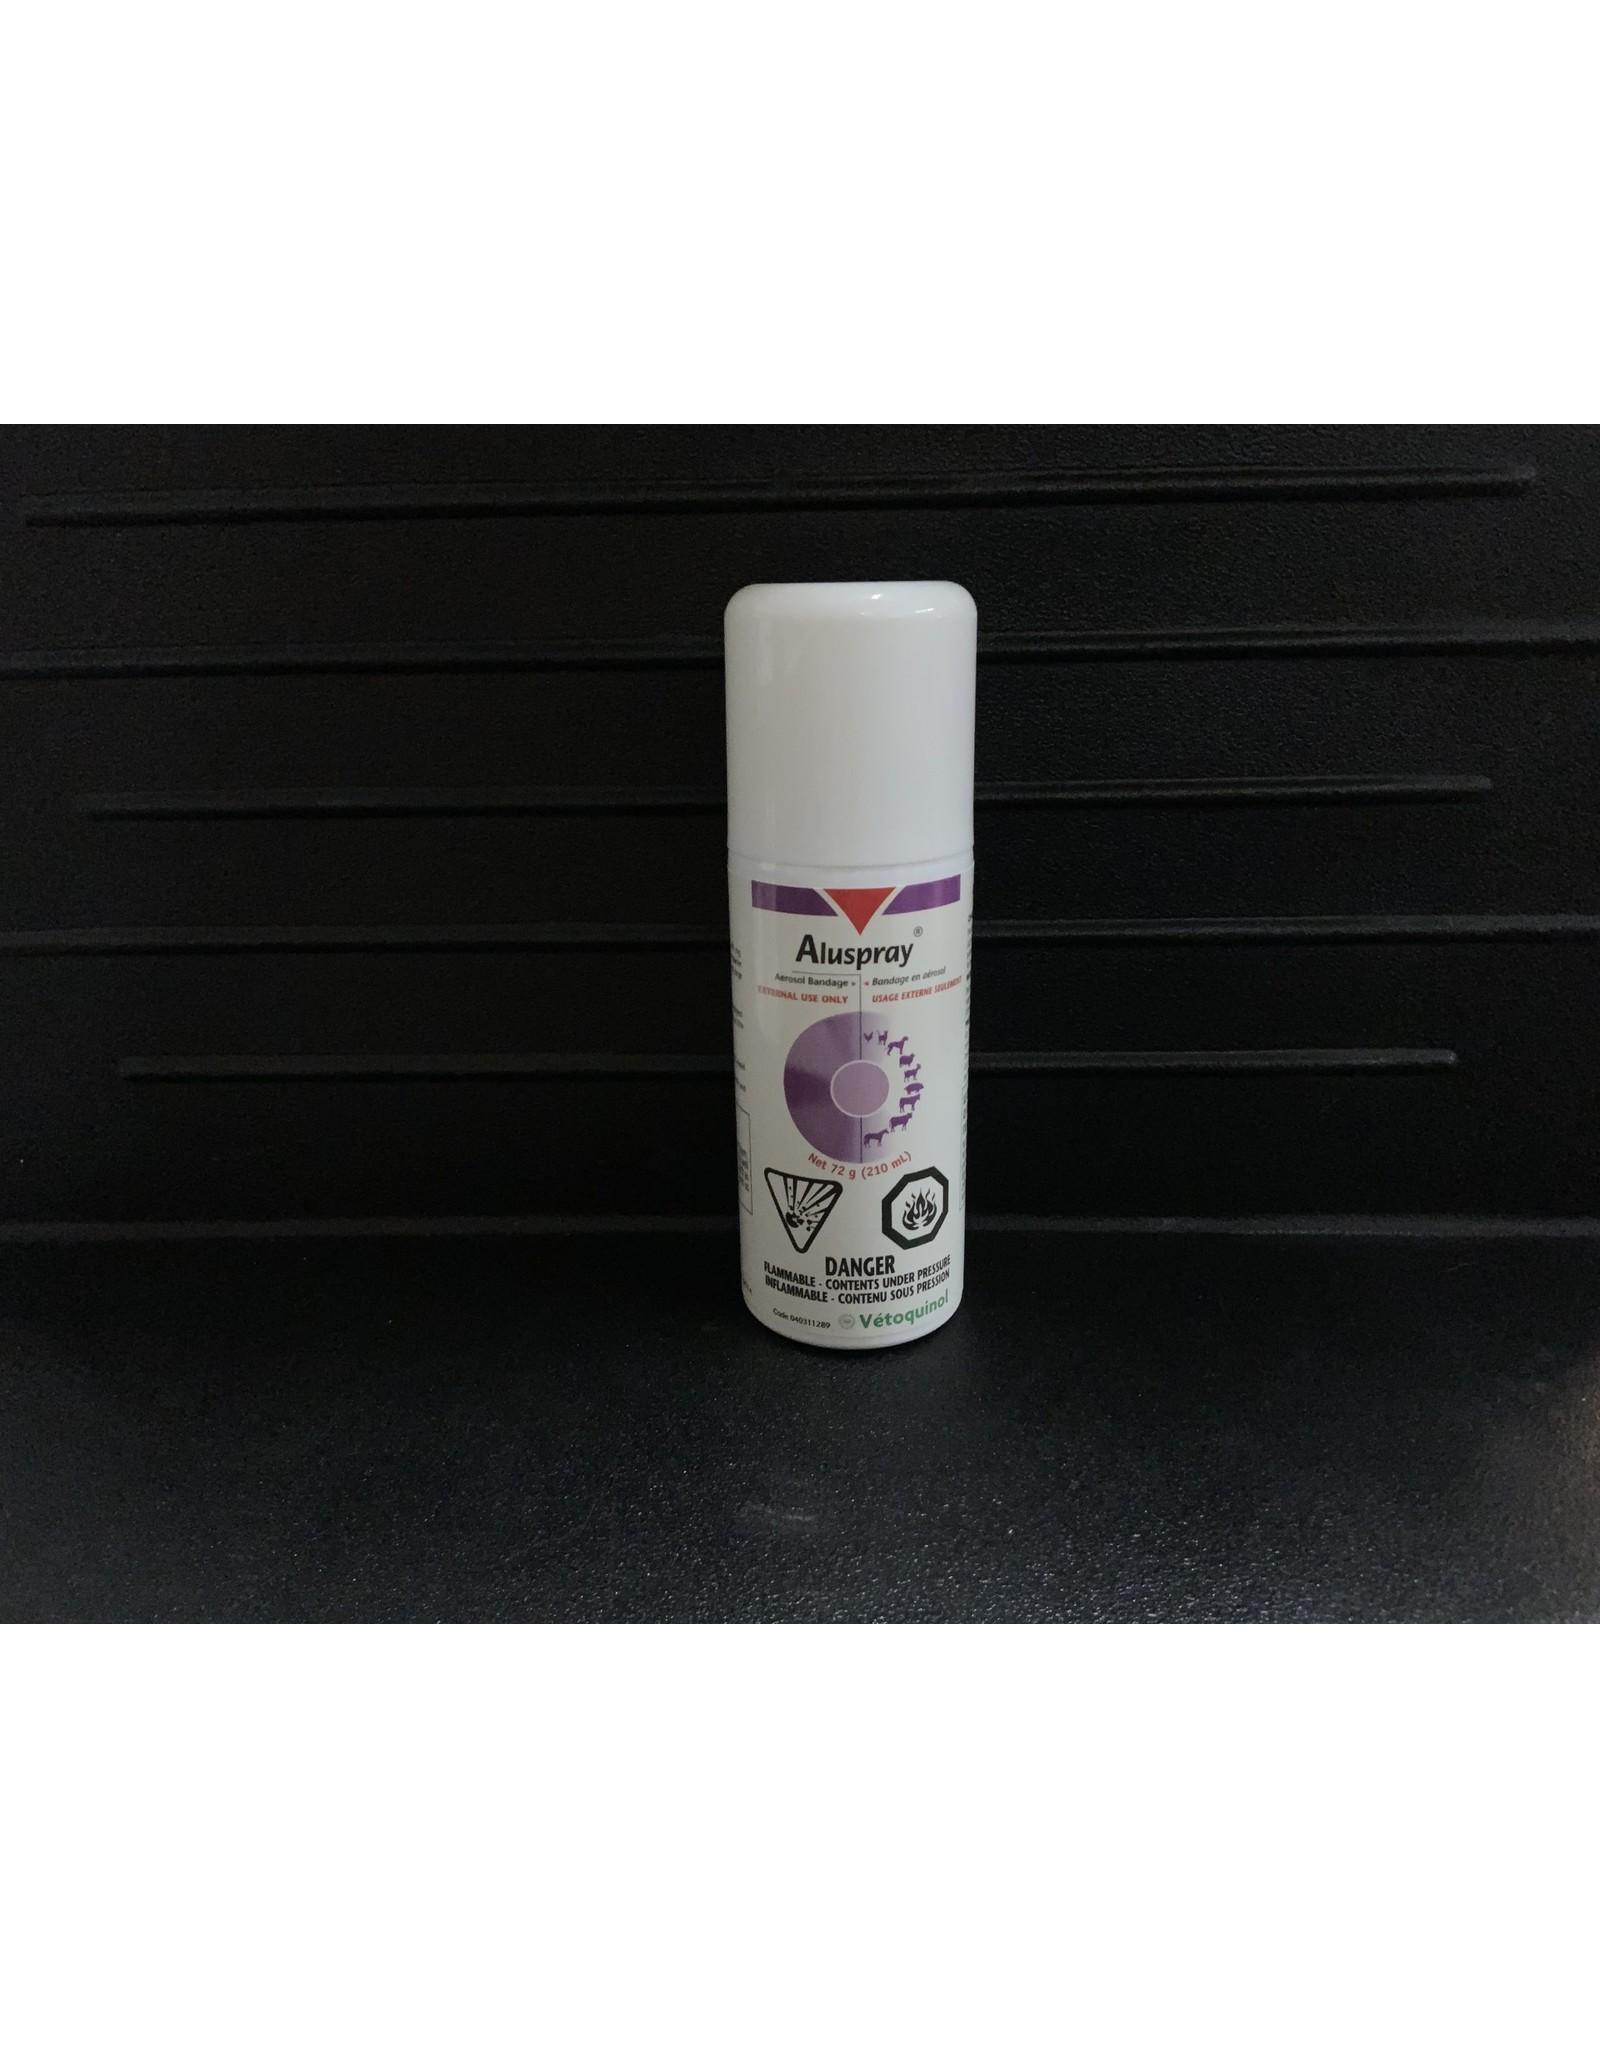 Aluspray - aluminum based aerosol bandage 024-068